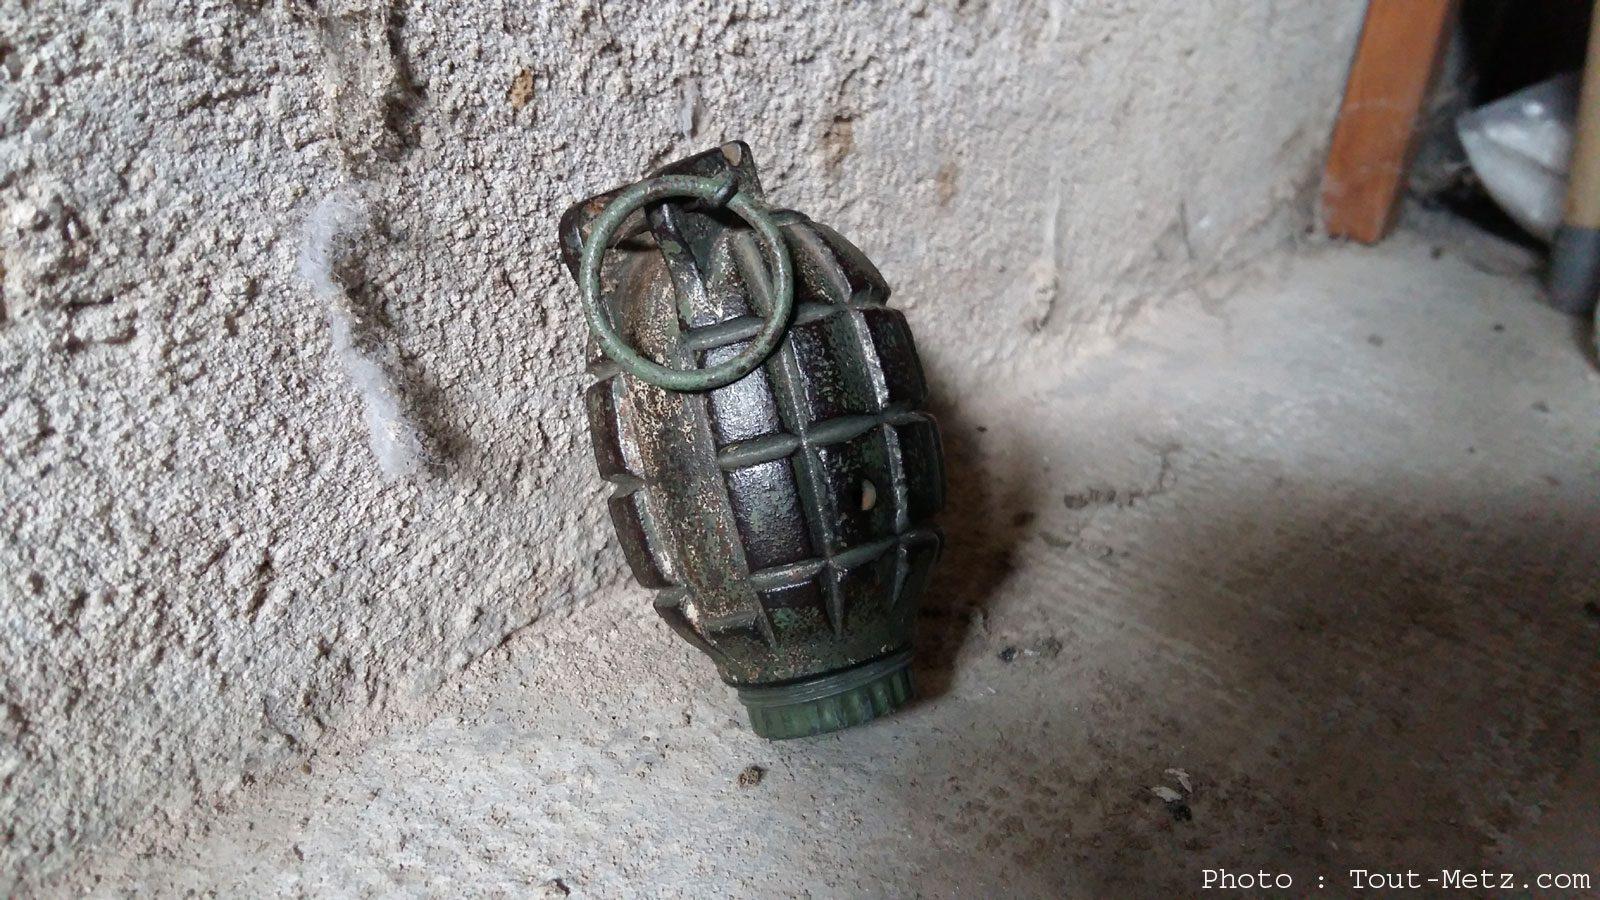 Metz : une grenade en parfait état retrouvée dans la cave d'une maison